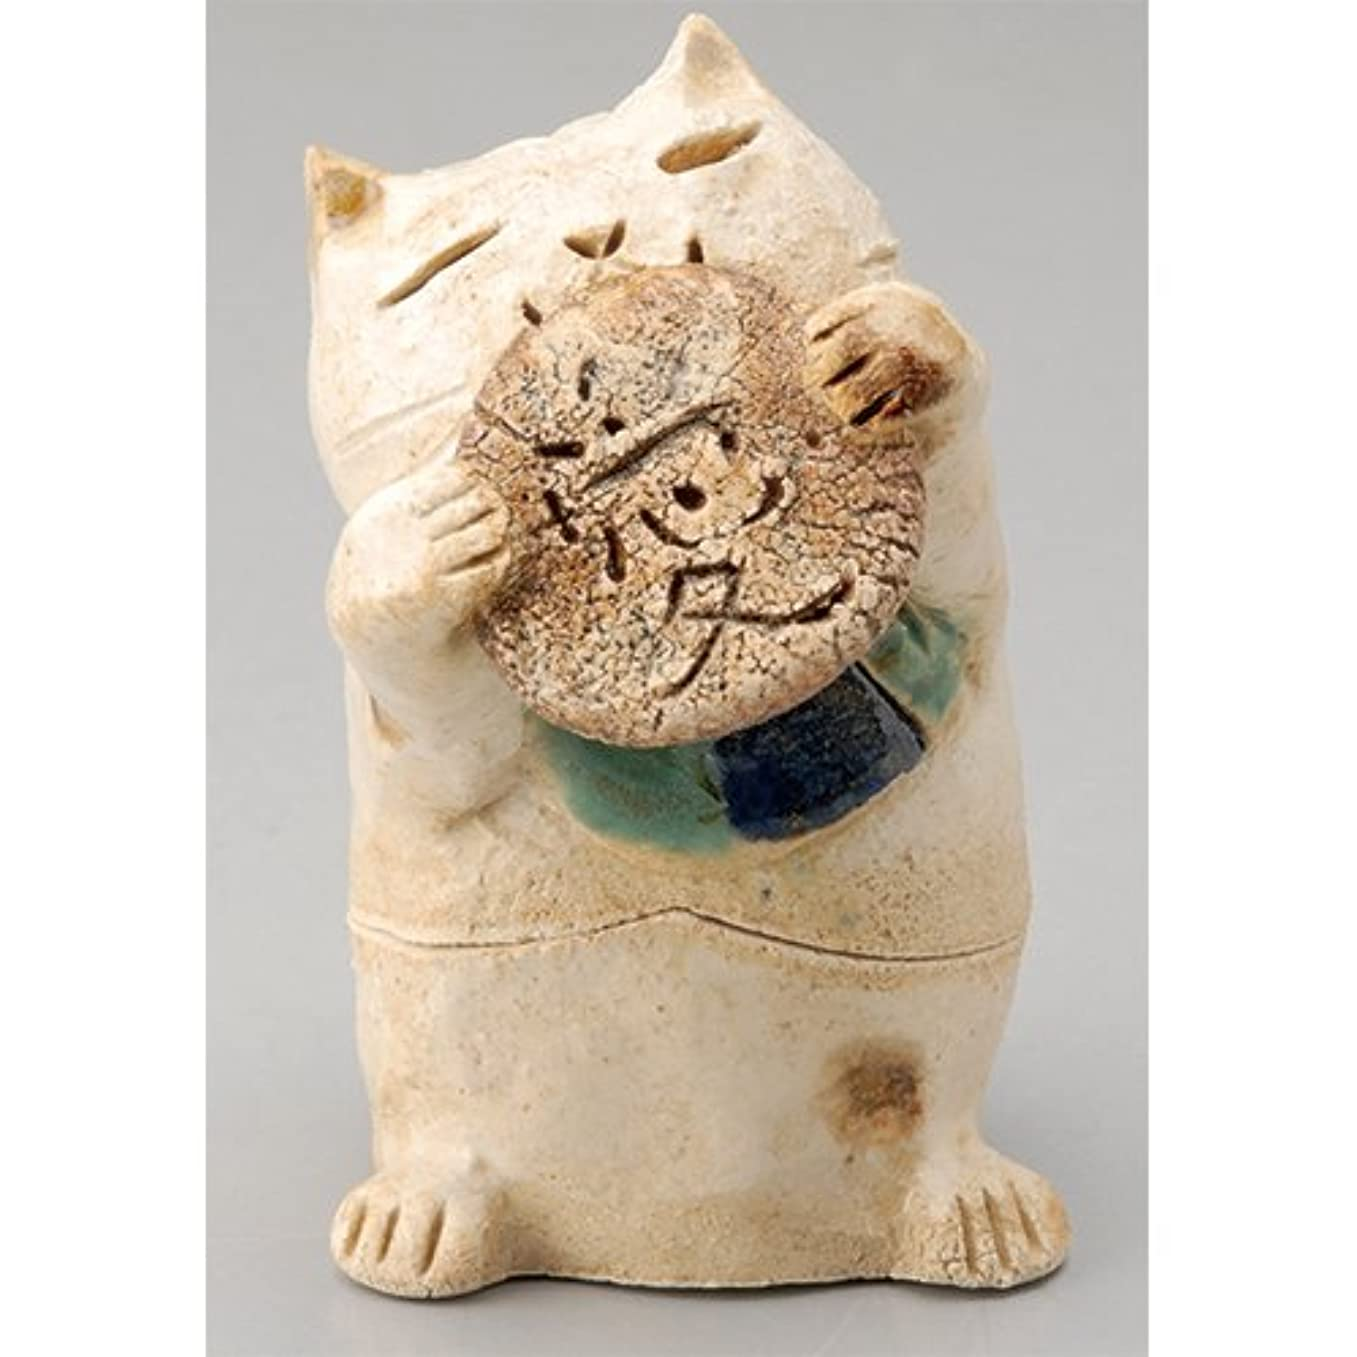 晴れ殺人者パーティー香炉 ごえん猫 香炉(愛) [H8cm] HANDMADE プレゼント ギフト 和食器 かわいい インテリア